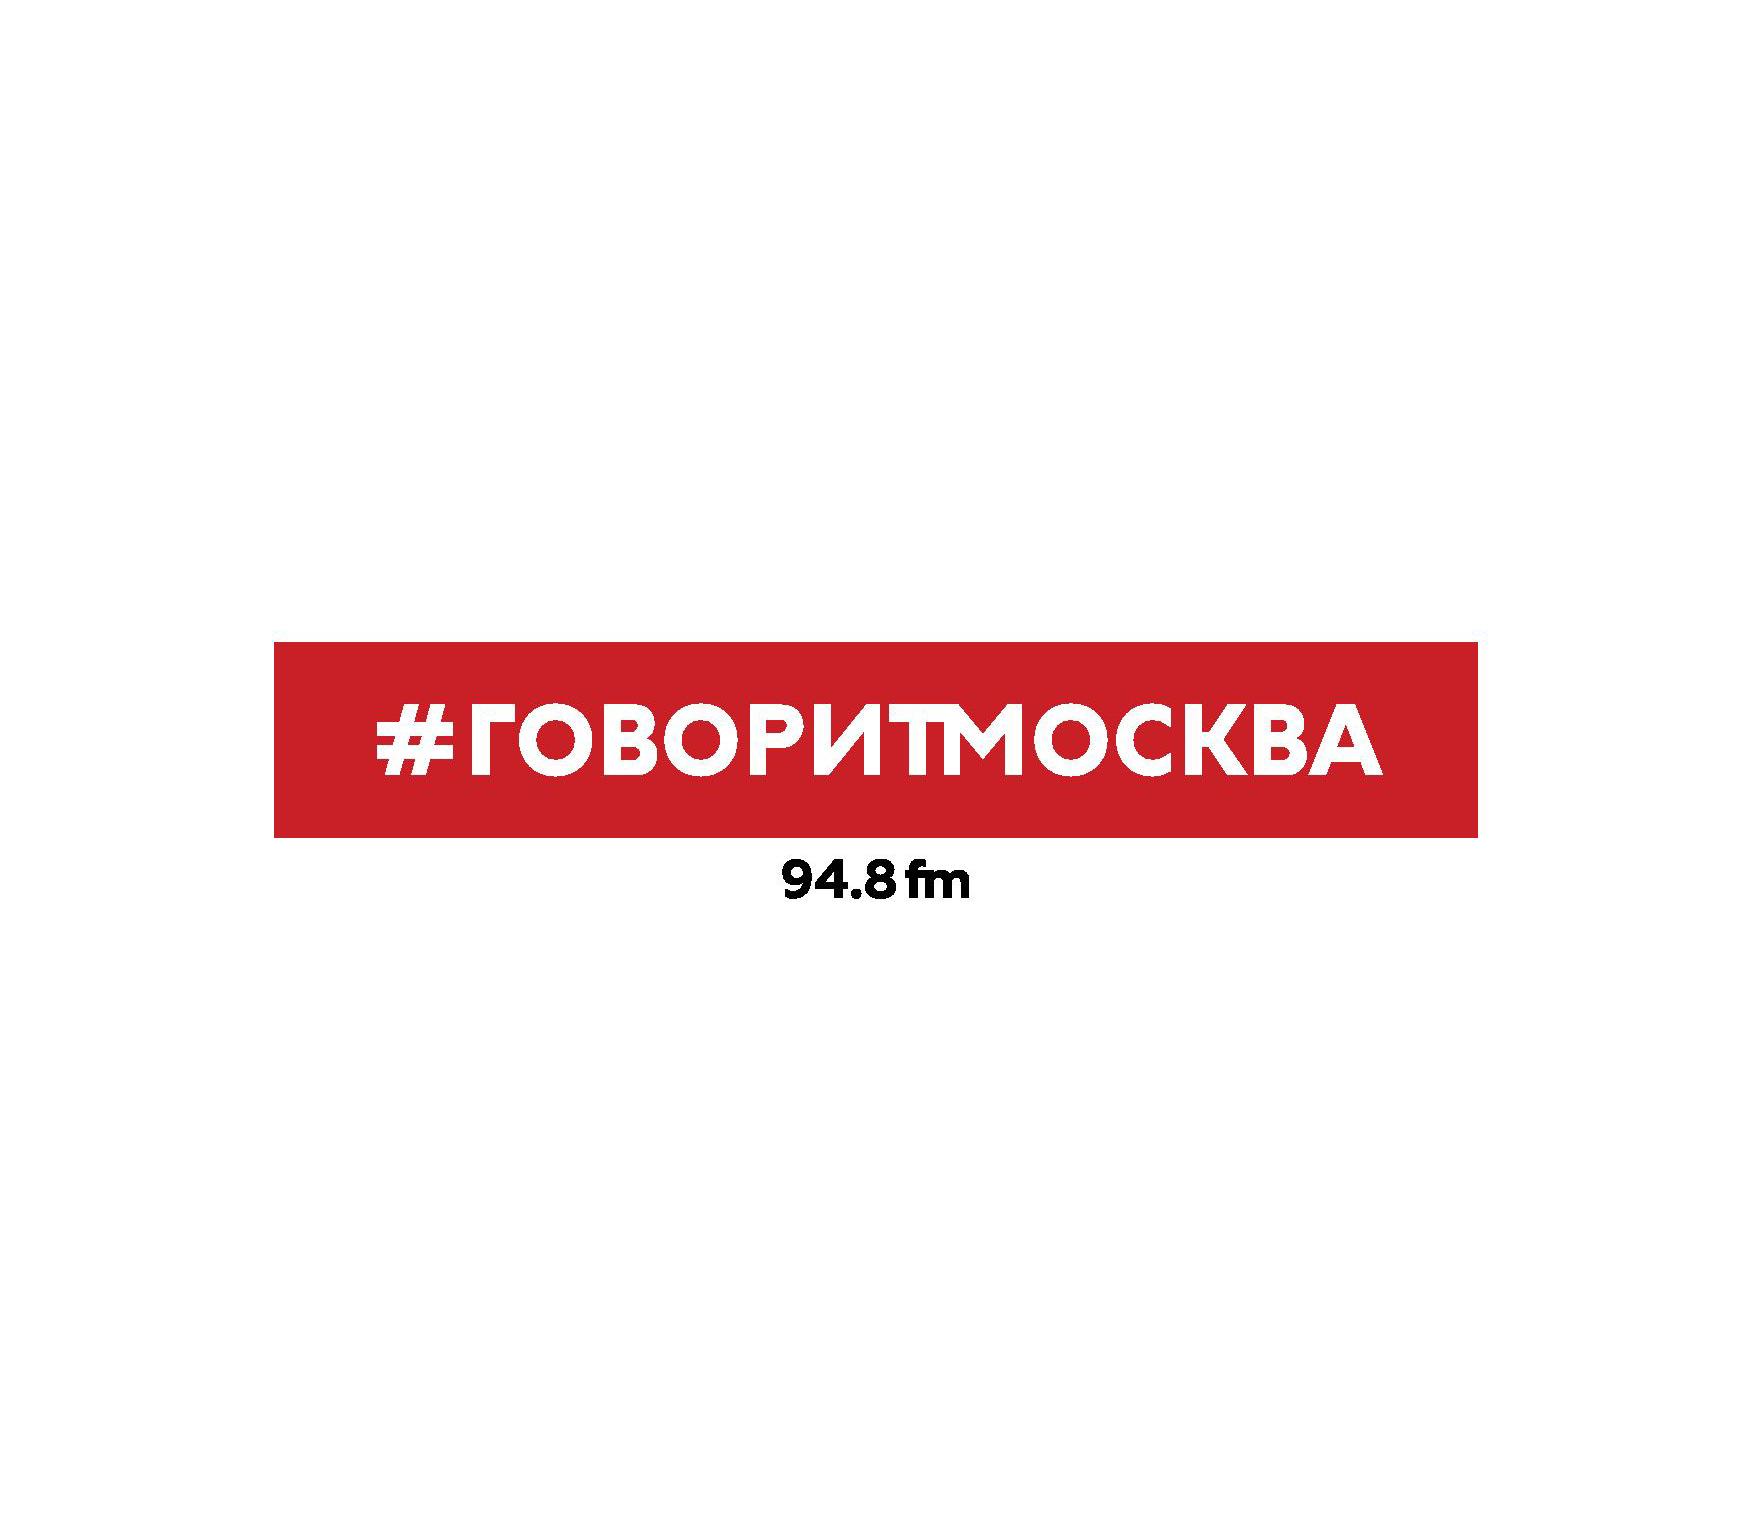 Сергей Береговой Отречение Николая II от престола сергей береговой отречение николая ii от престола